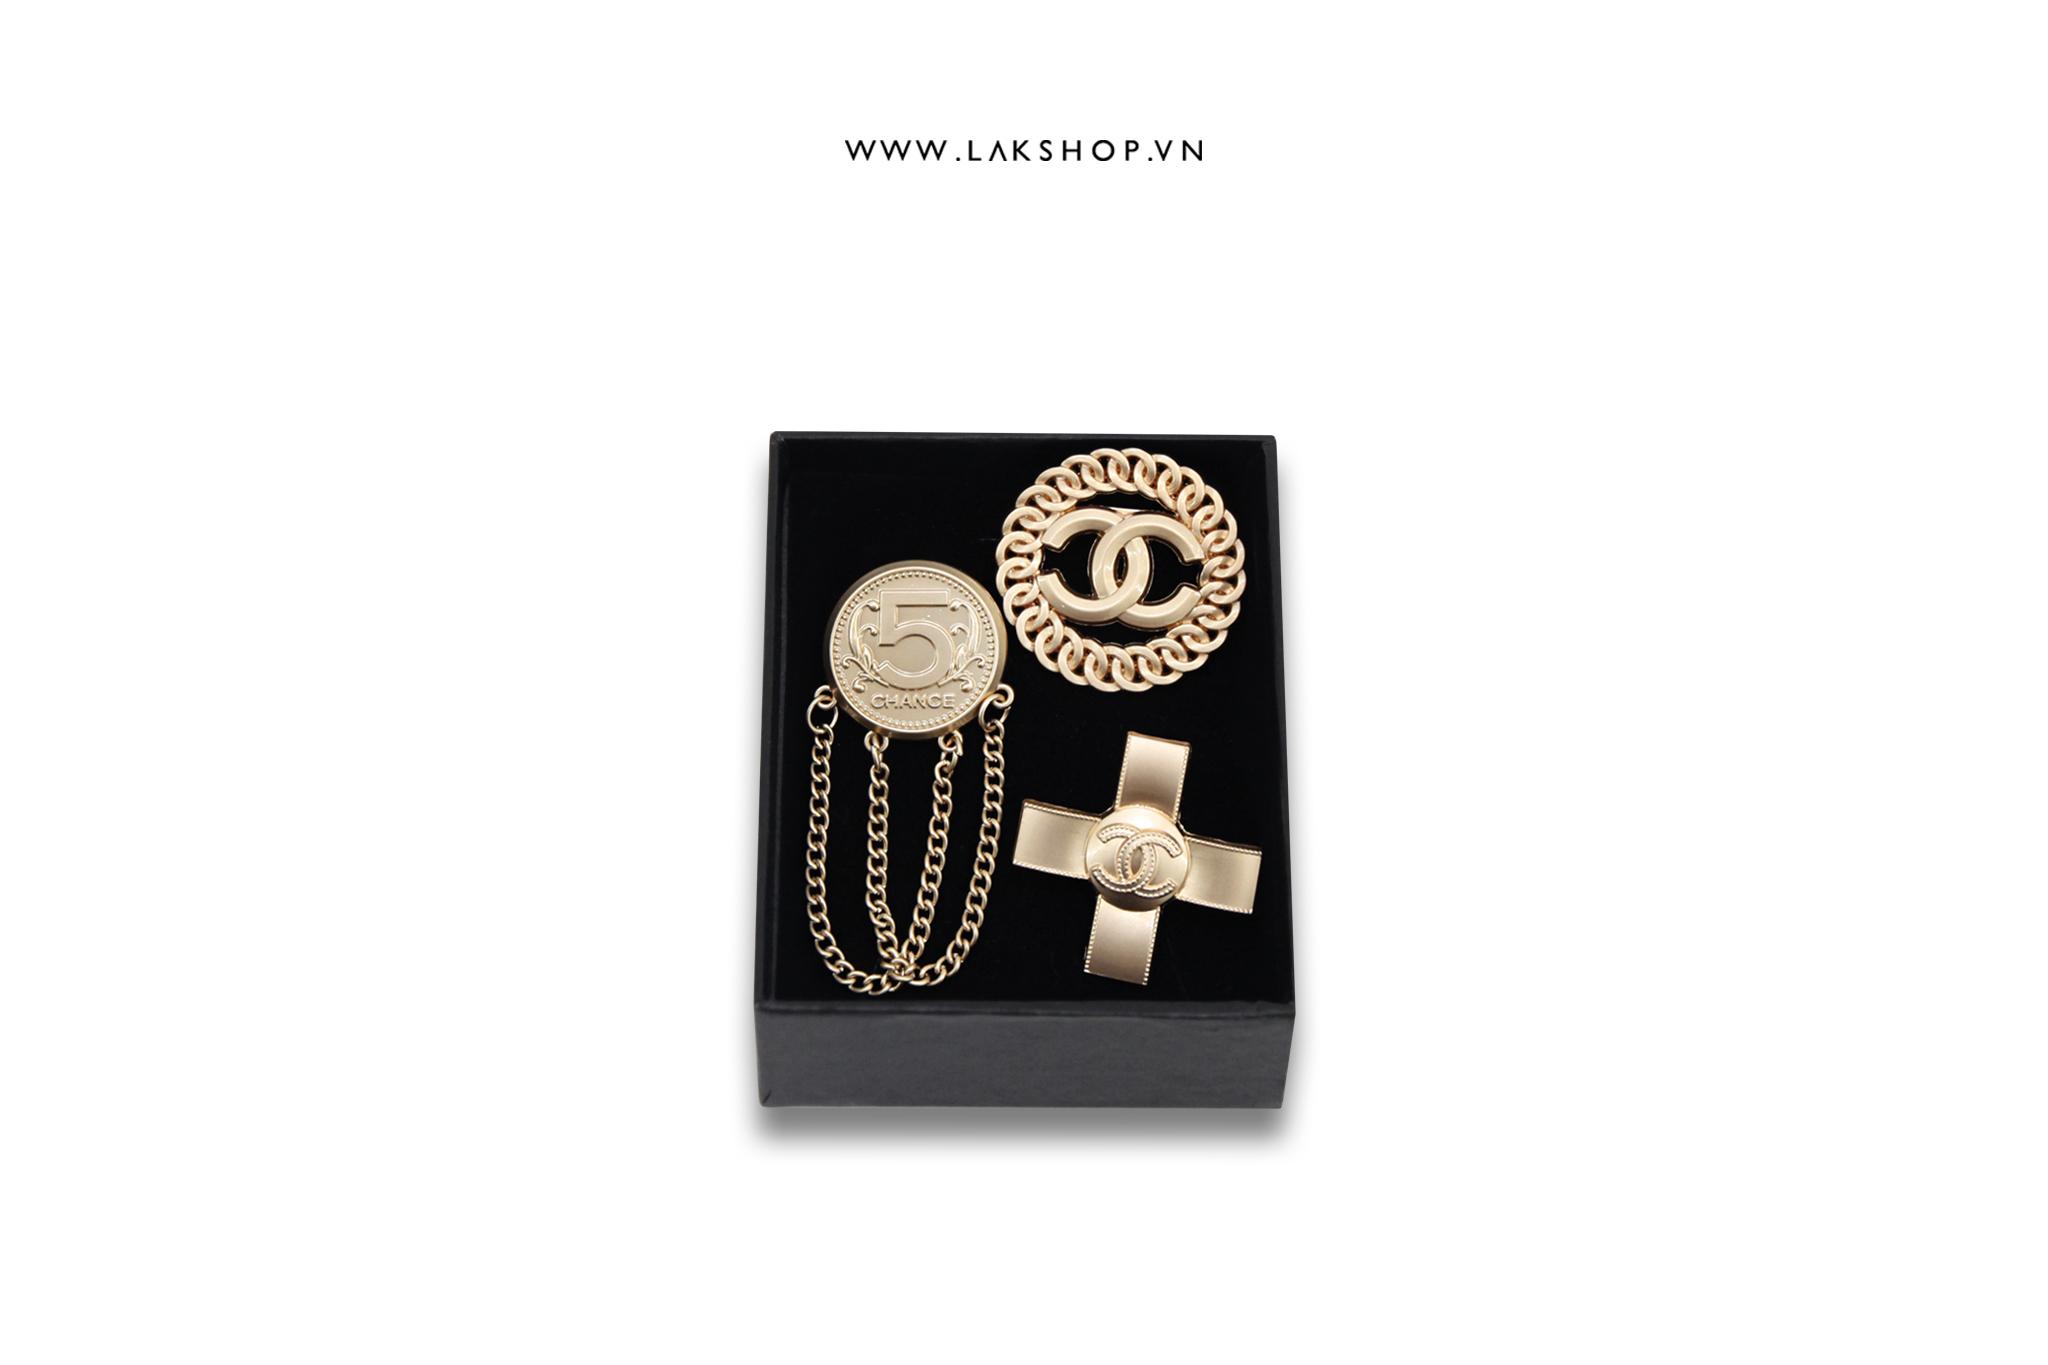 Set 3 Trâm Cài Chanel Logo CC Vàng